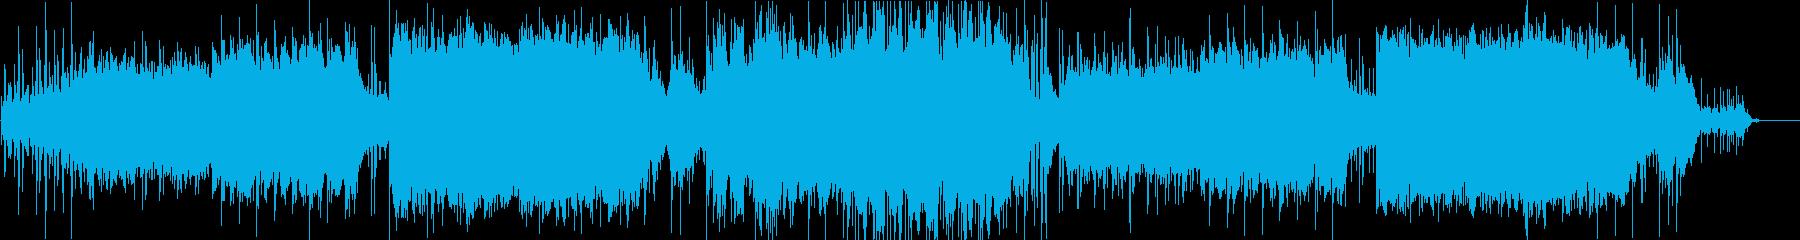 緊張感のあるエレクトロニカのインストの再生済みの波形